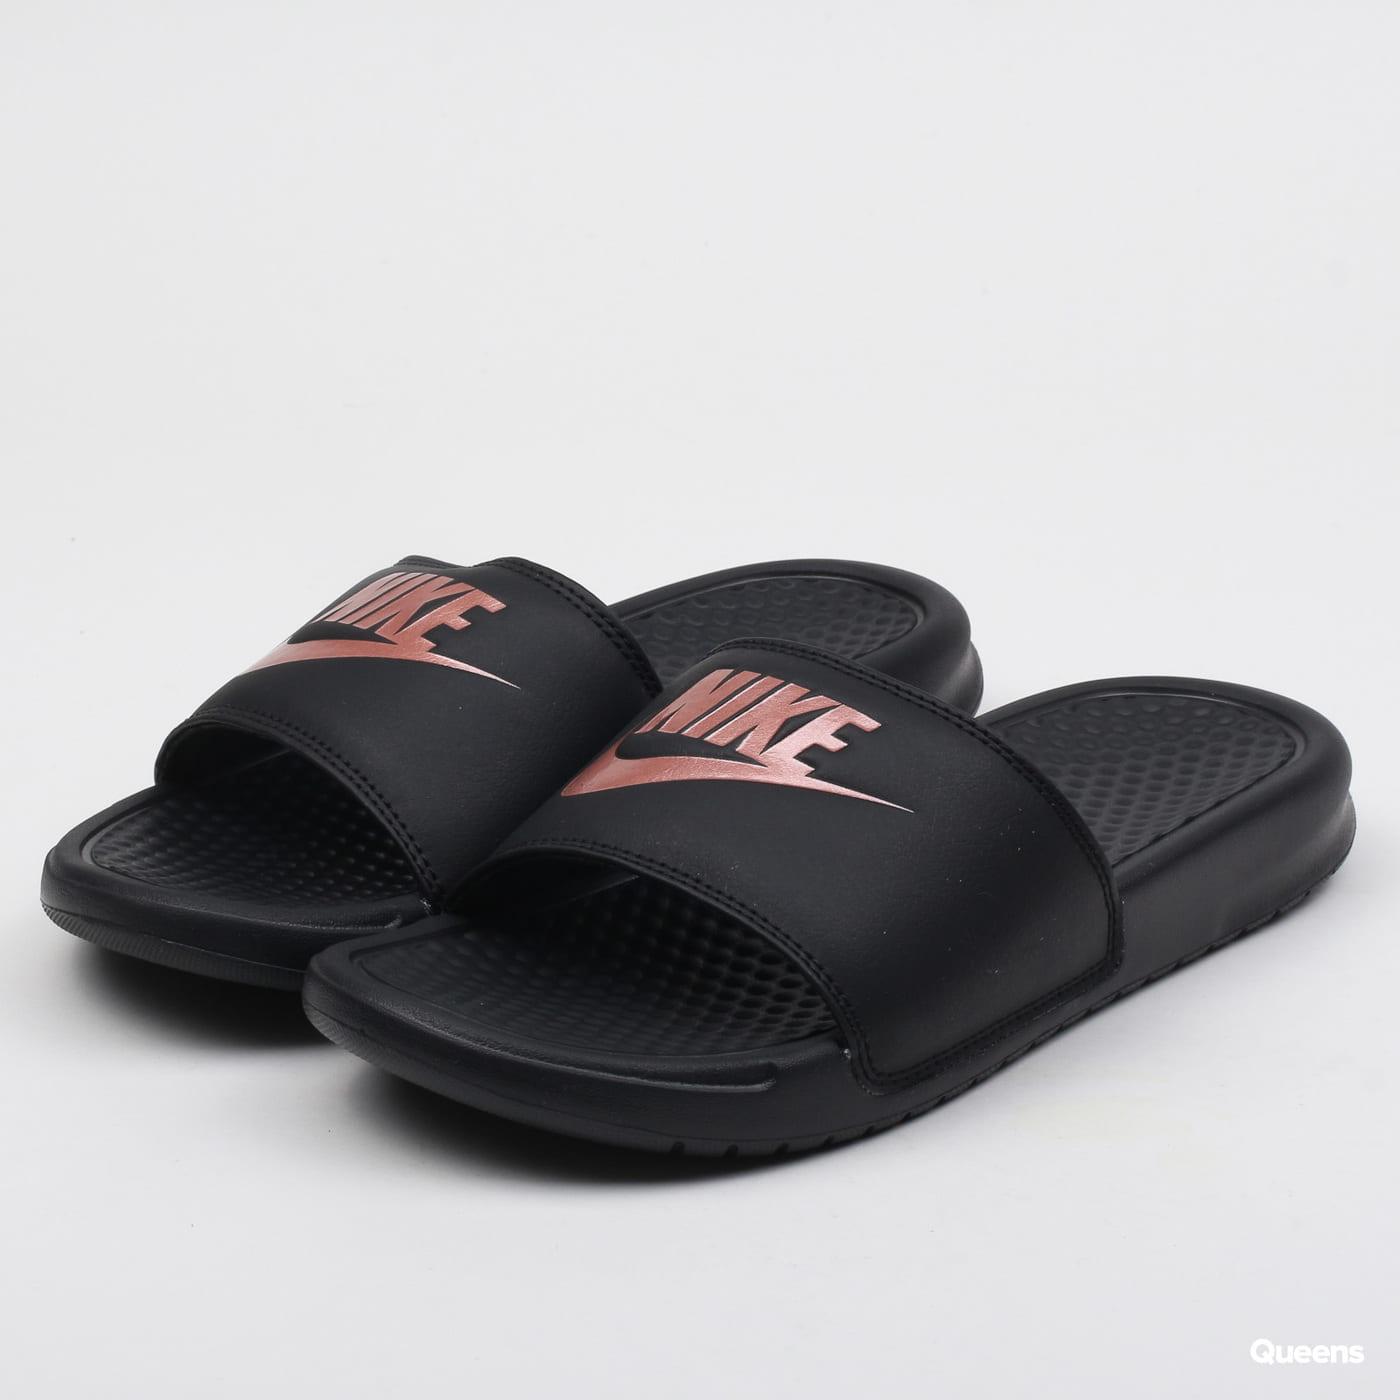 Nike WMNS Benassi JDI black / rose gold